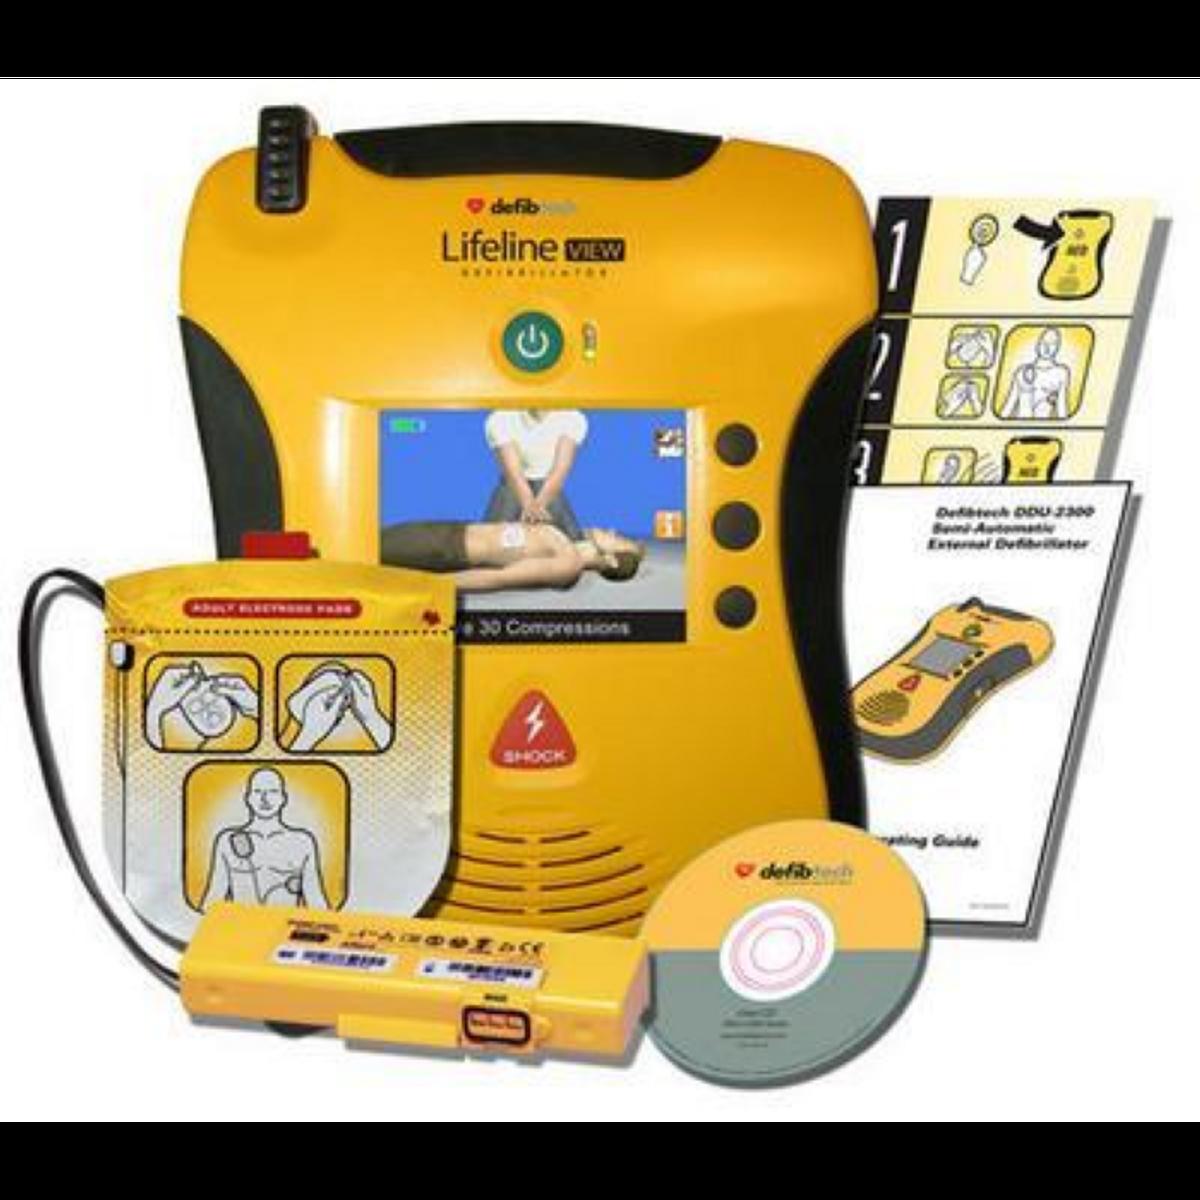 Lifeline VIEW Hjertestarter - Videovisning, to språk